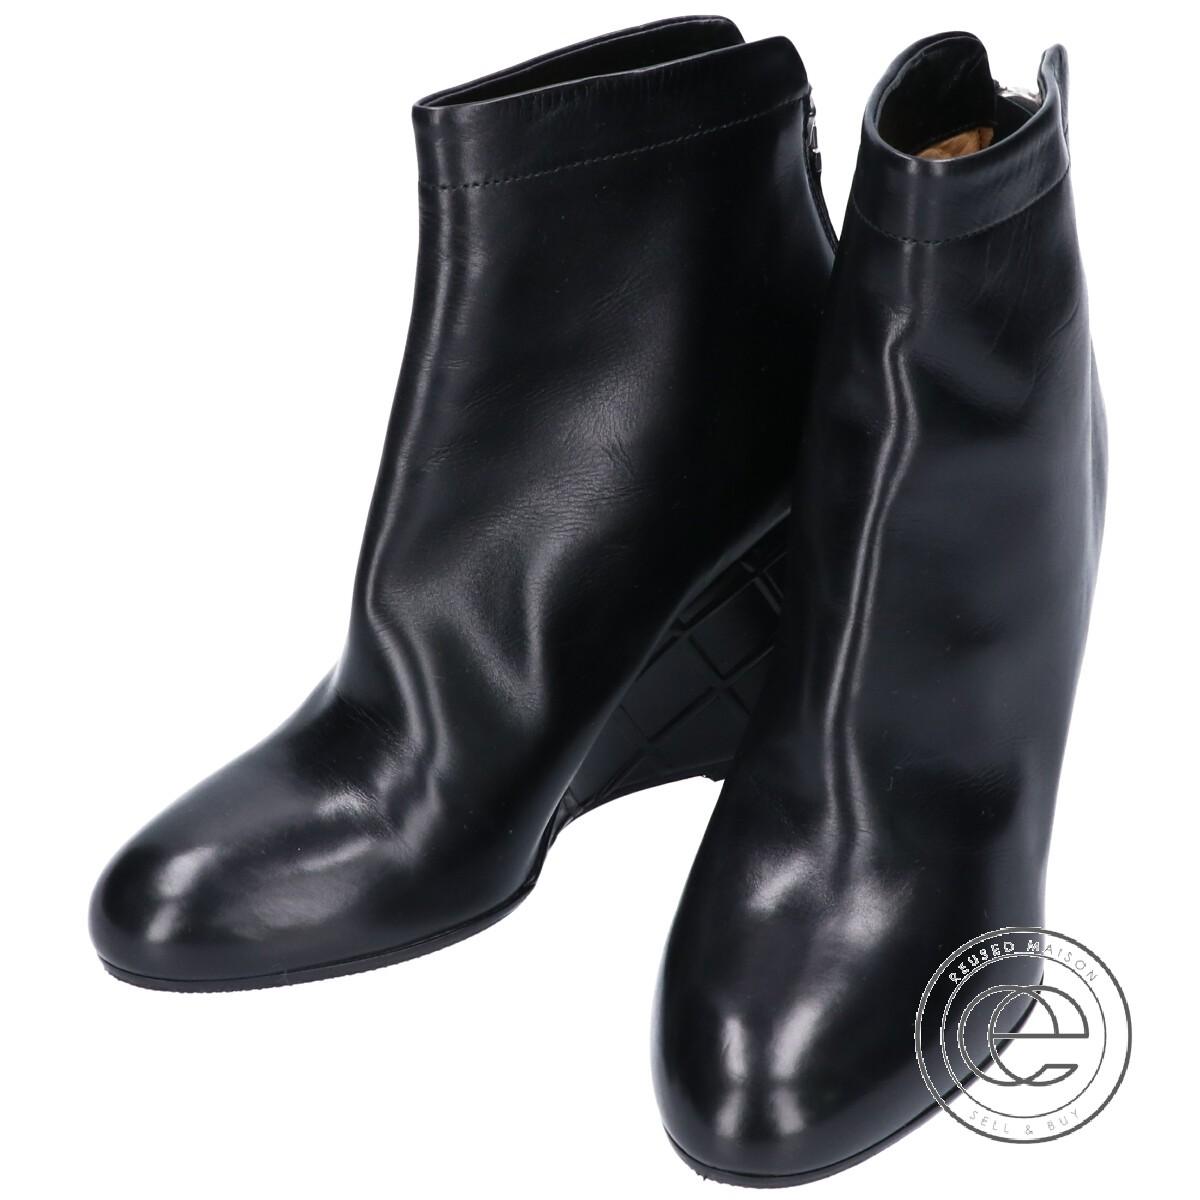 PELLICO ペリーコ ワッフルウェッジソール バックジップアンクルブーツ 35 ブラック レディース 【中古】